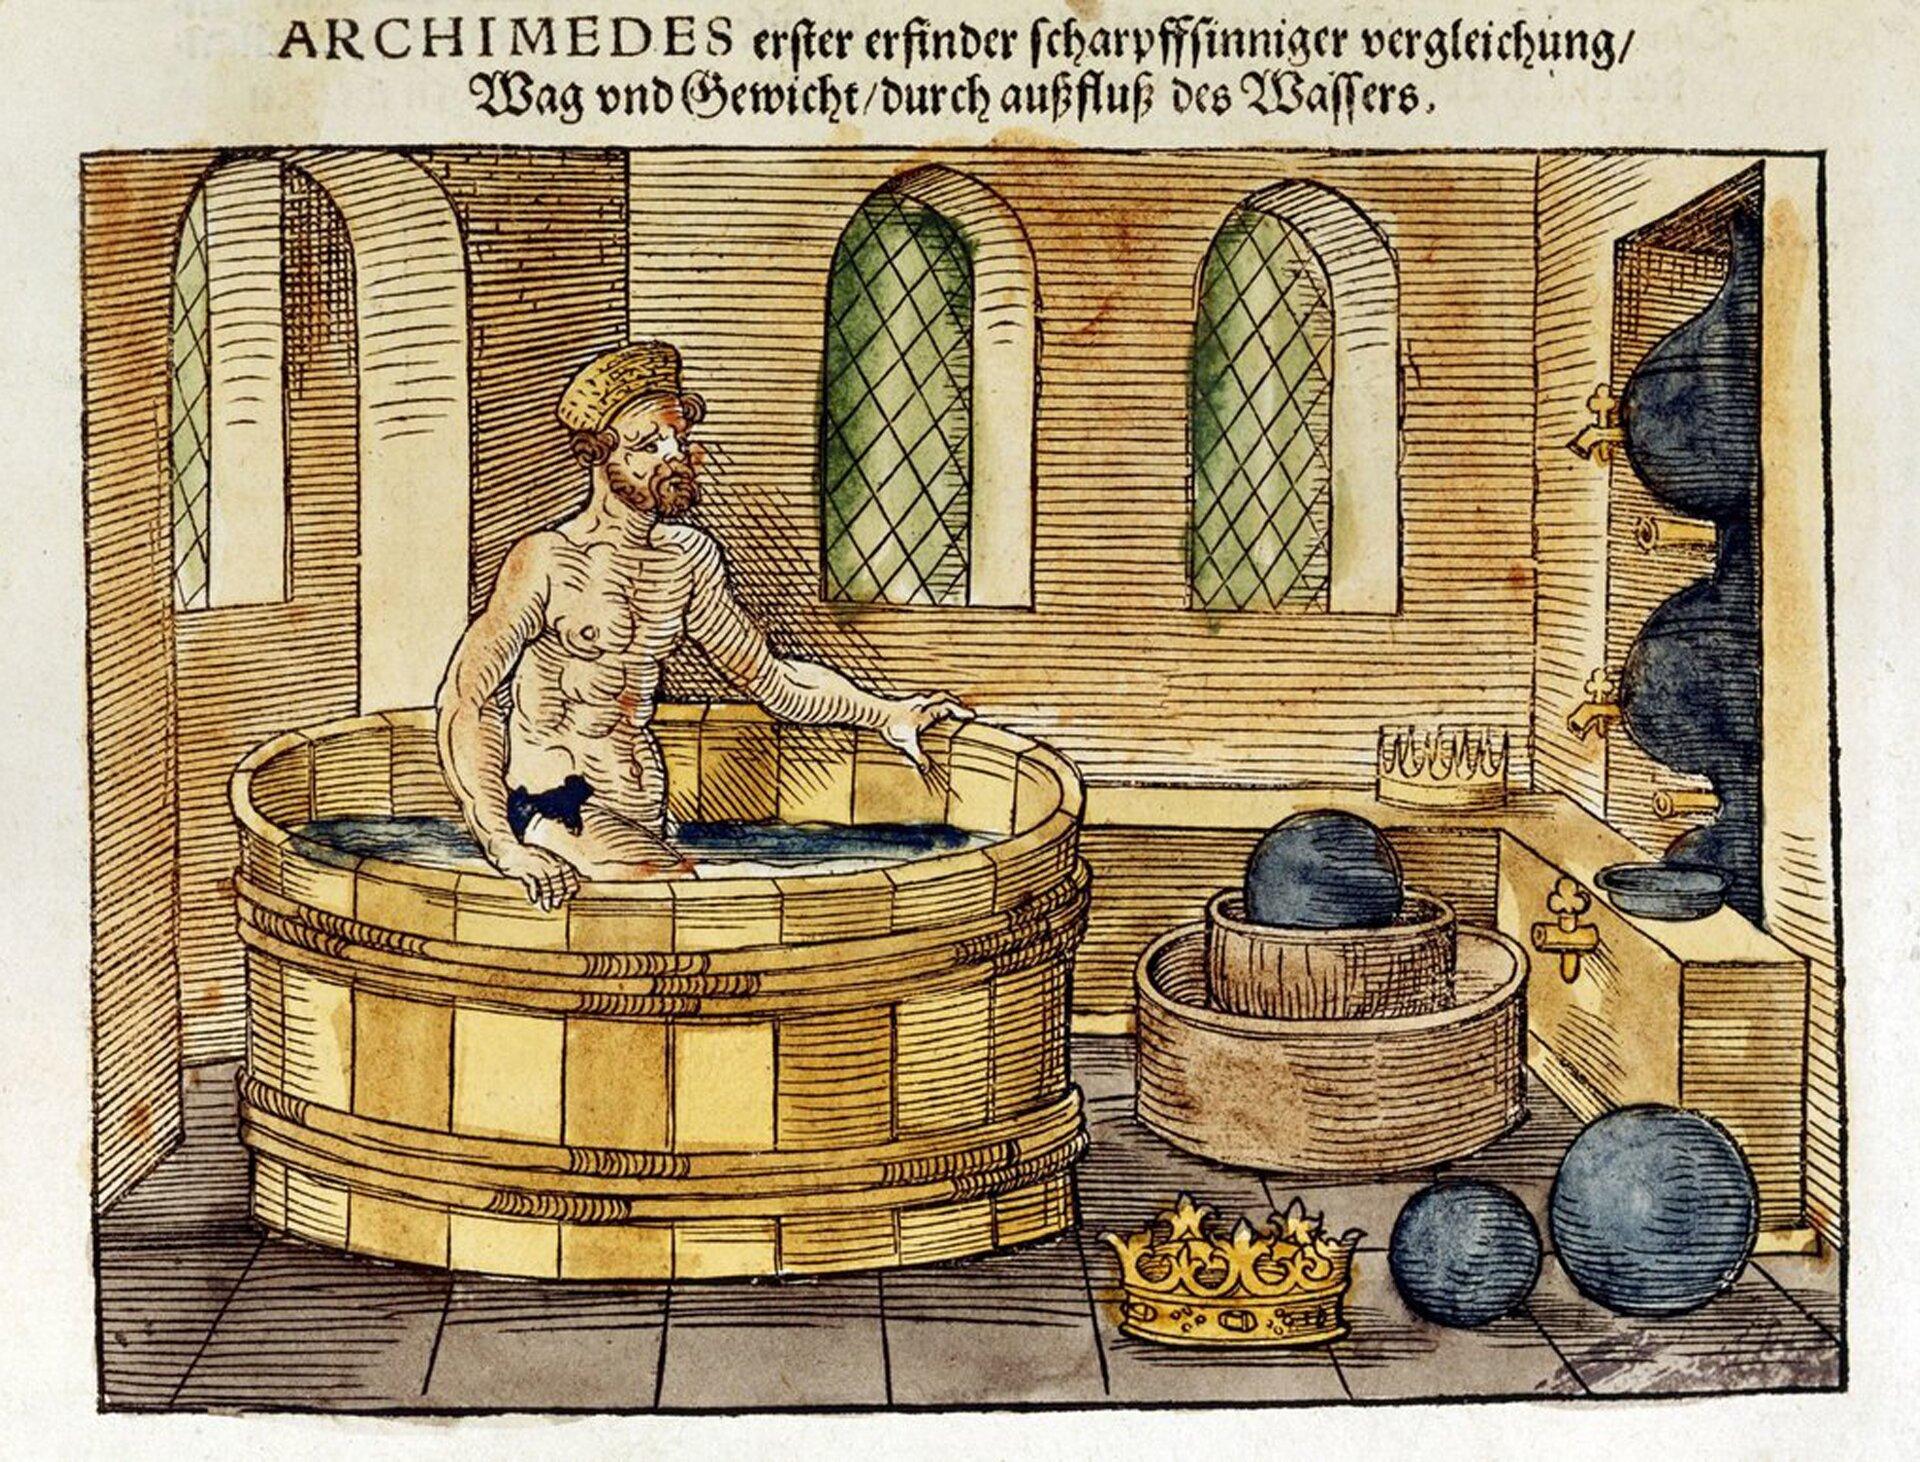 """Rysunek ma postać ilustracji ze starodruku. Ugóry rysunku znajduje się napis wjęzyku niemieckim napisany gotykiem. Wyróżnia się pierwsze słowo """"ARCHIMEDES"""". Rysunek przedstawia wnętrze antycznej łaźni. Wcentrum rysunku znajduje się okrągła balia, wktórej zanurzony jest do połowy uda Archimedes. Jest to moment, wktórym odkrył prawo nazywane jego imieniem. Sugerują to widoczne na ilustracji atrybuty m.in. leżąca na posadzce złota korona. To właśnie sprawdzając czy jest ona szczerozłota Archimedes zwrócił uwagę jak wypierają wodę zanurzone wniej przedmioty isformułował prawo nazywane dziś prawem Archimedesa."""